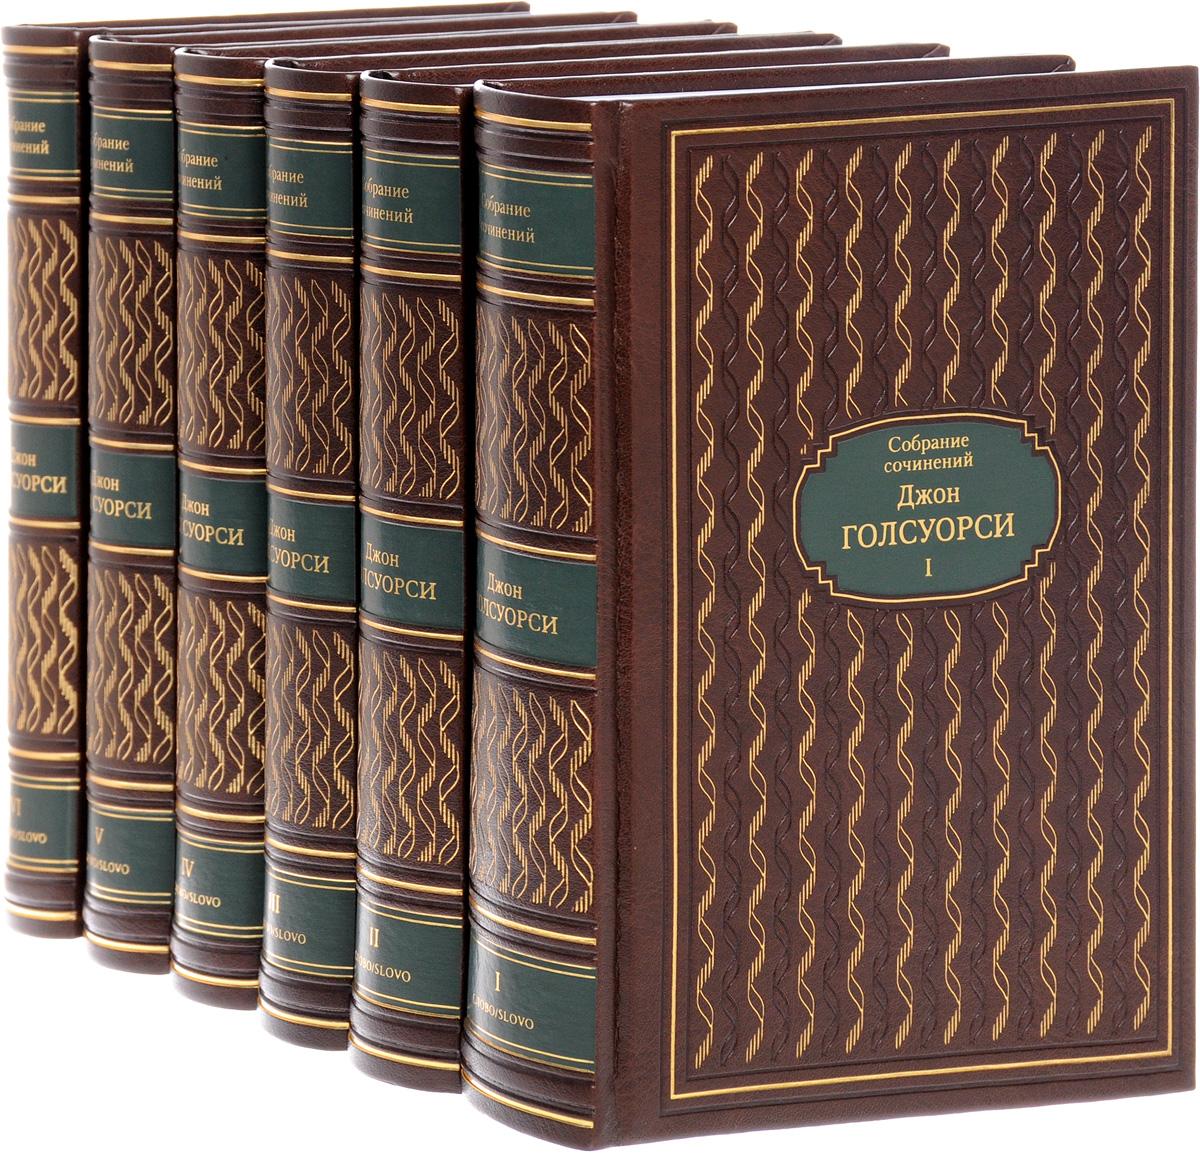 Джон Голсуорси Джон Голсуорси. Собрание сочинений в 6 томах (подарочное издание) джон голсуорси патриций